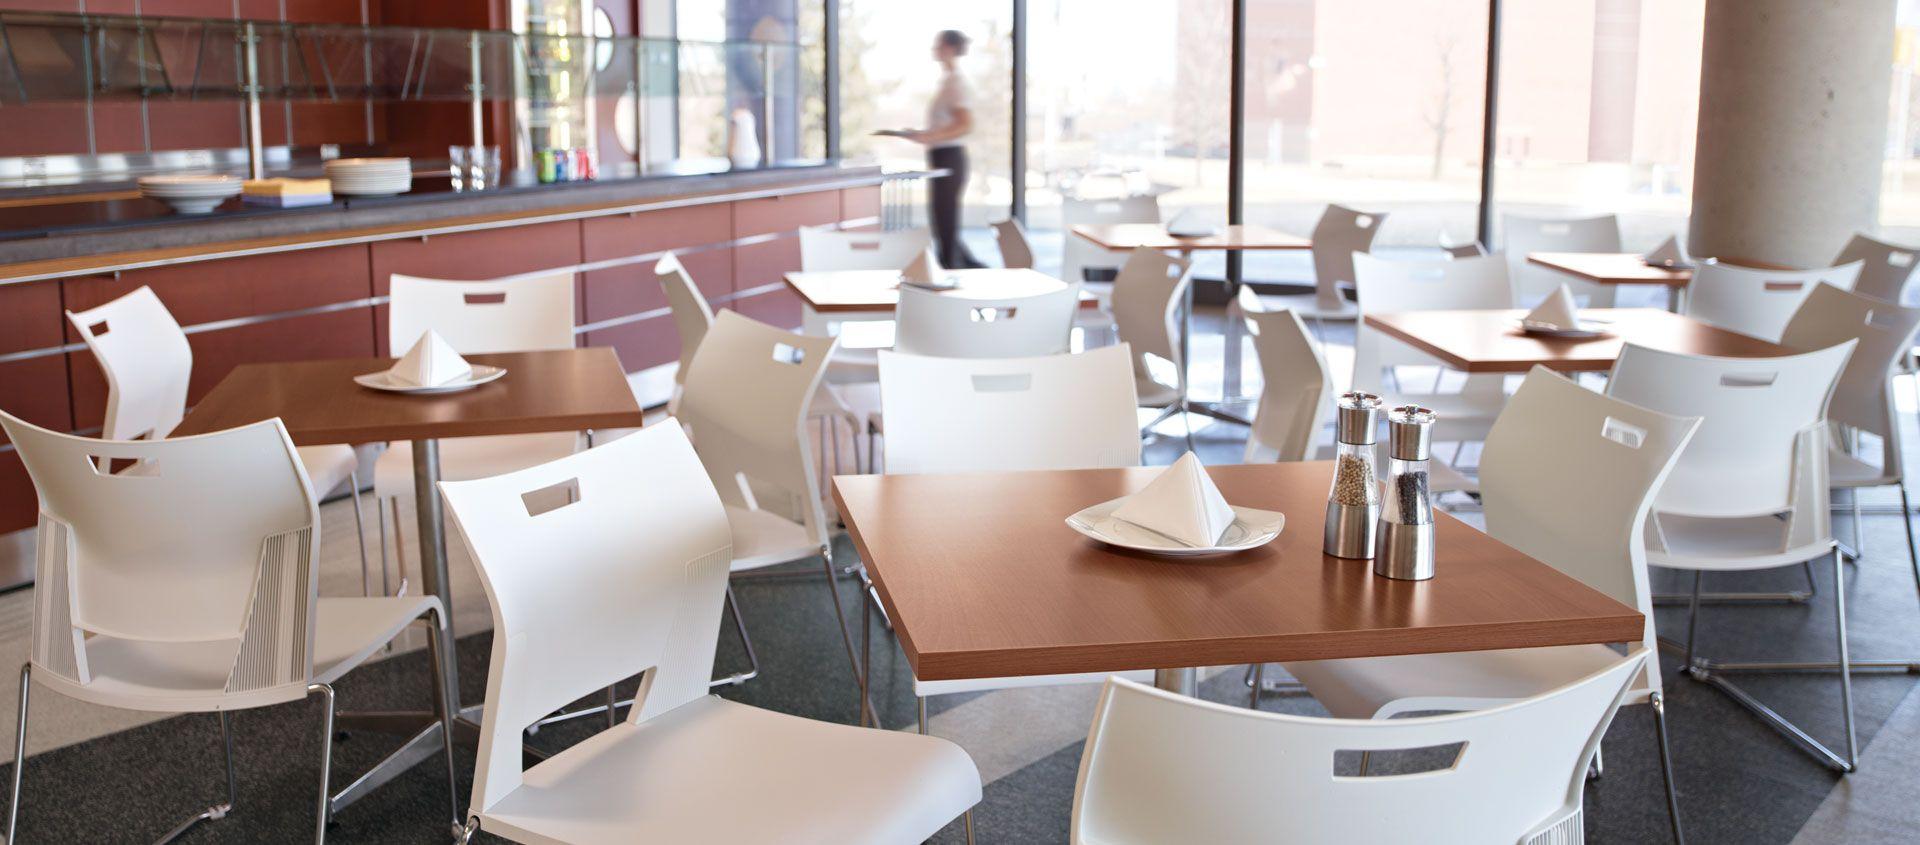 Cafe Dining Room Furniture